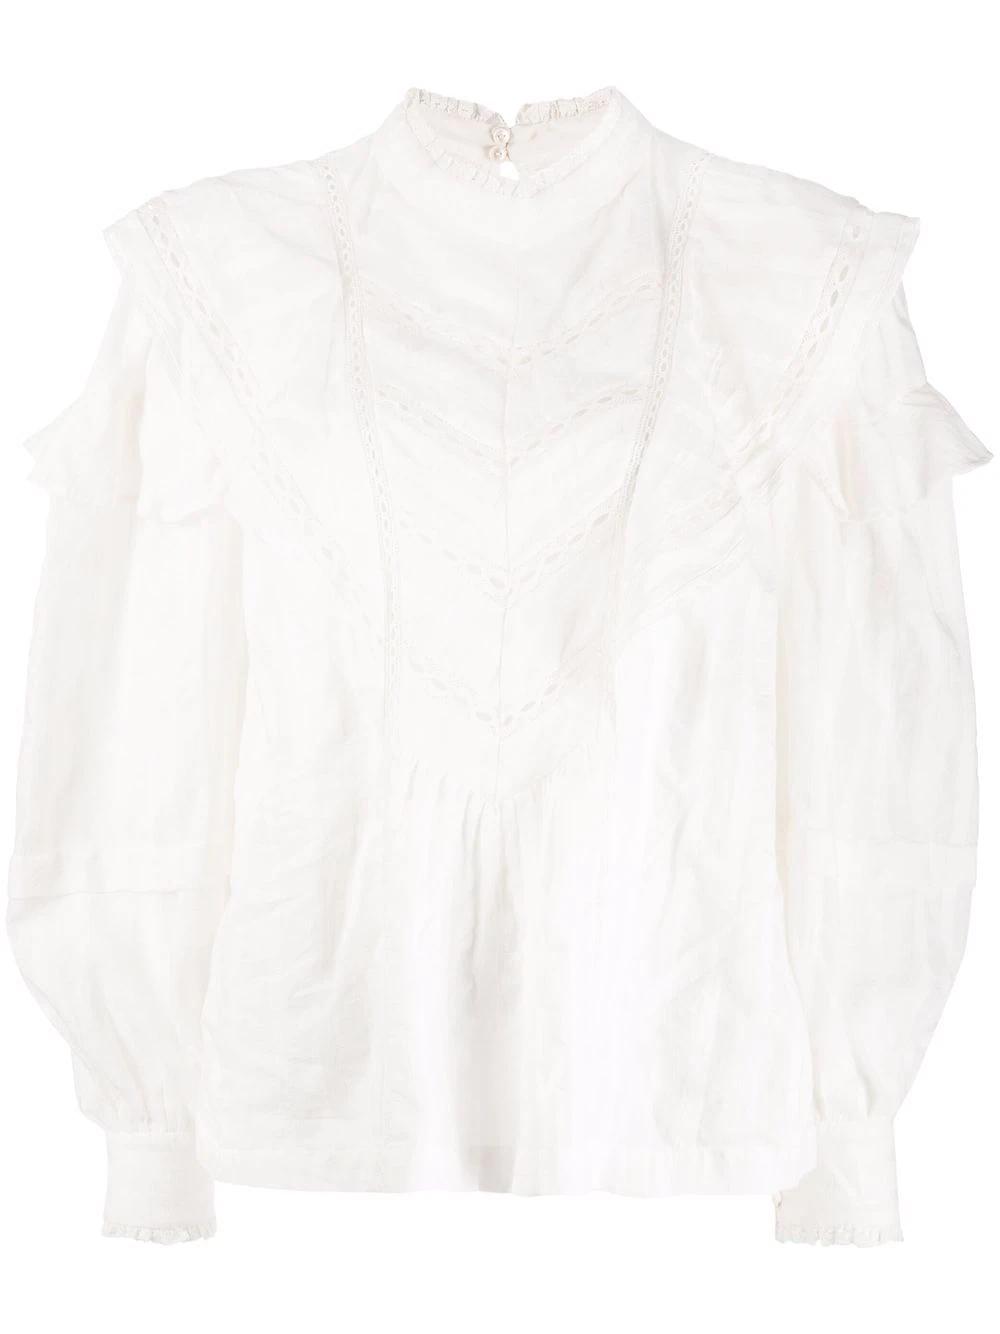 REIGN - Bluse mit Volants